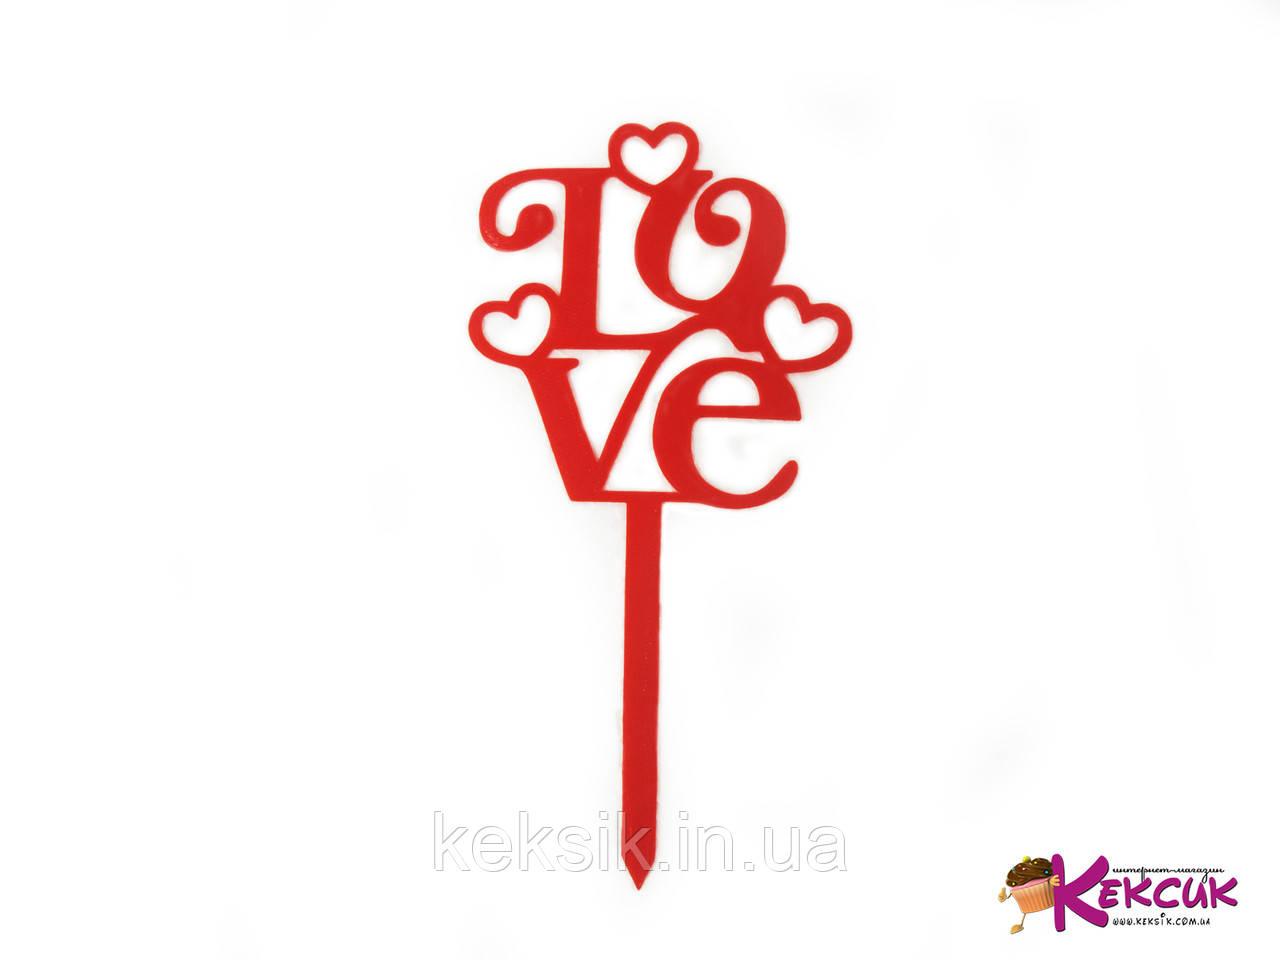 Топпер пластик LOVE с сердцами красный